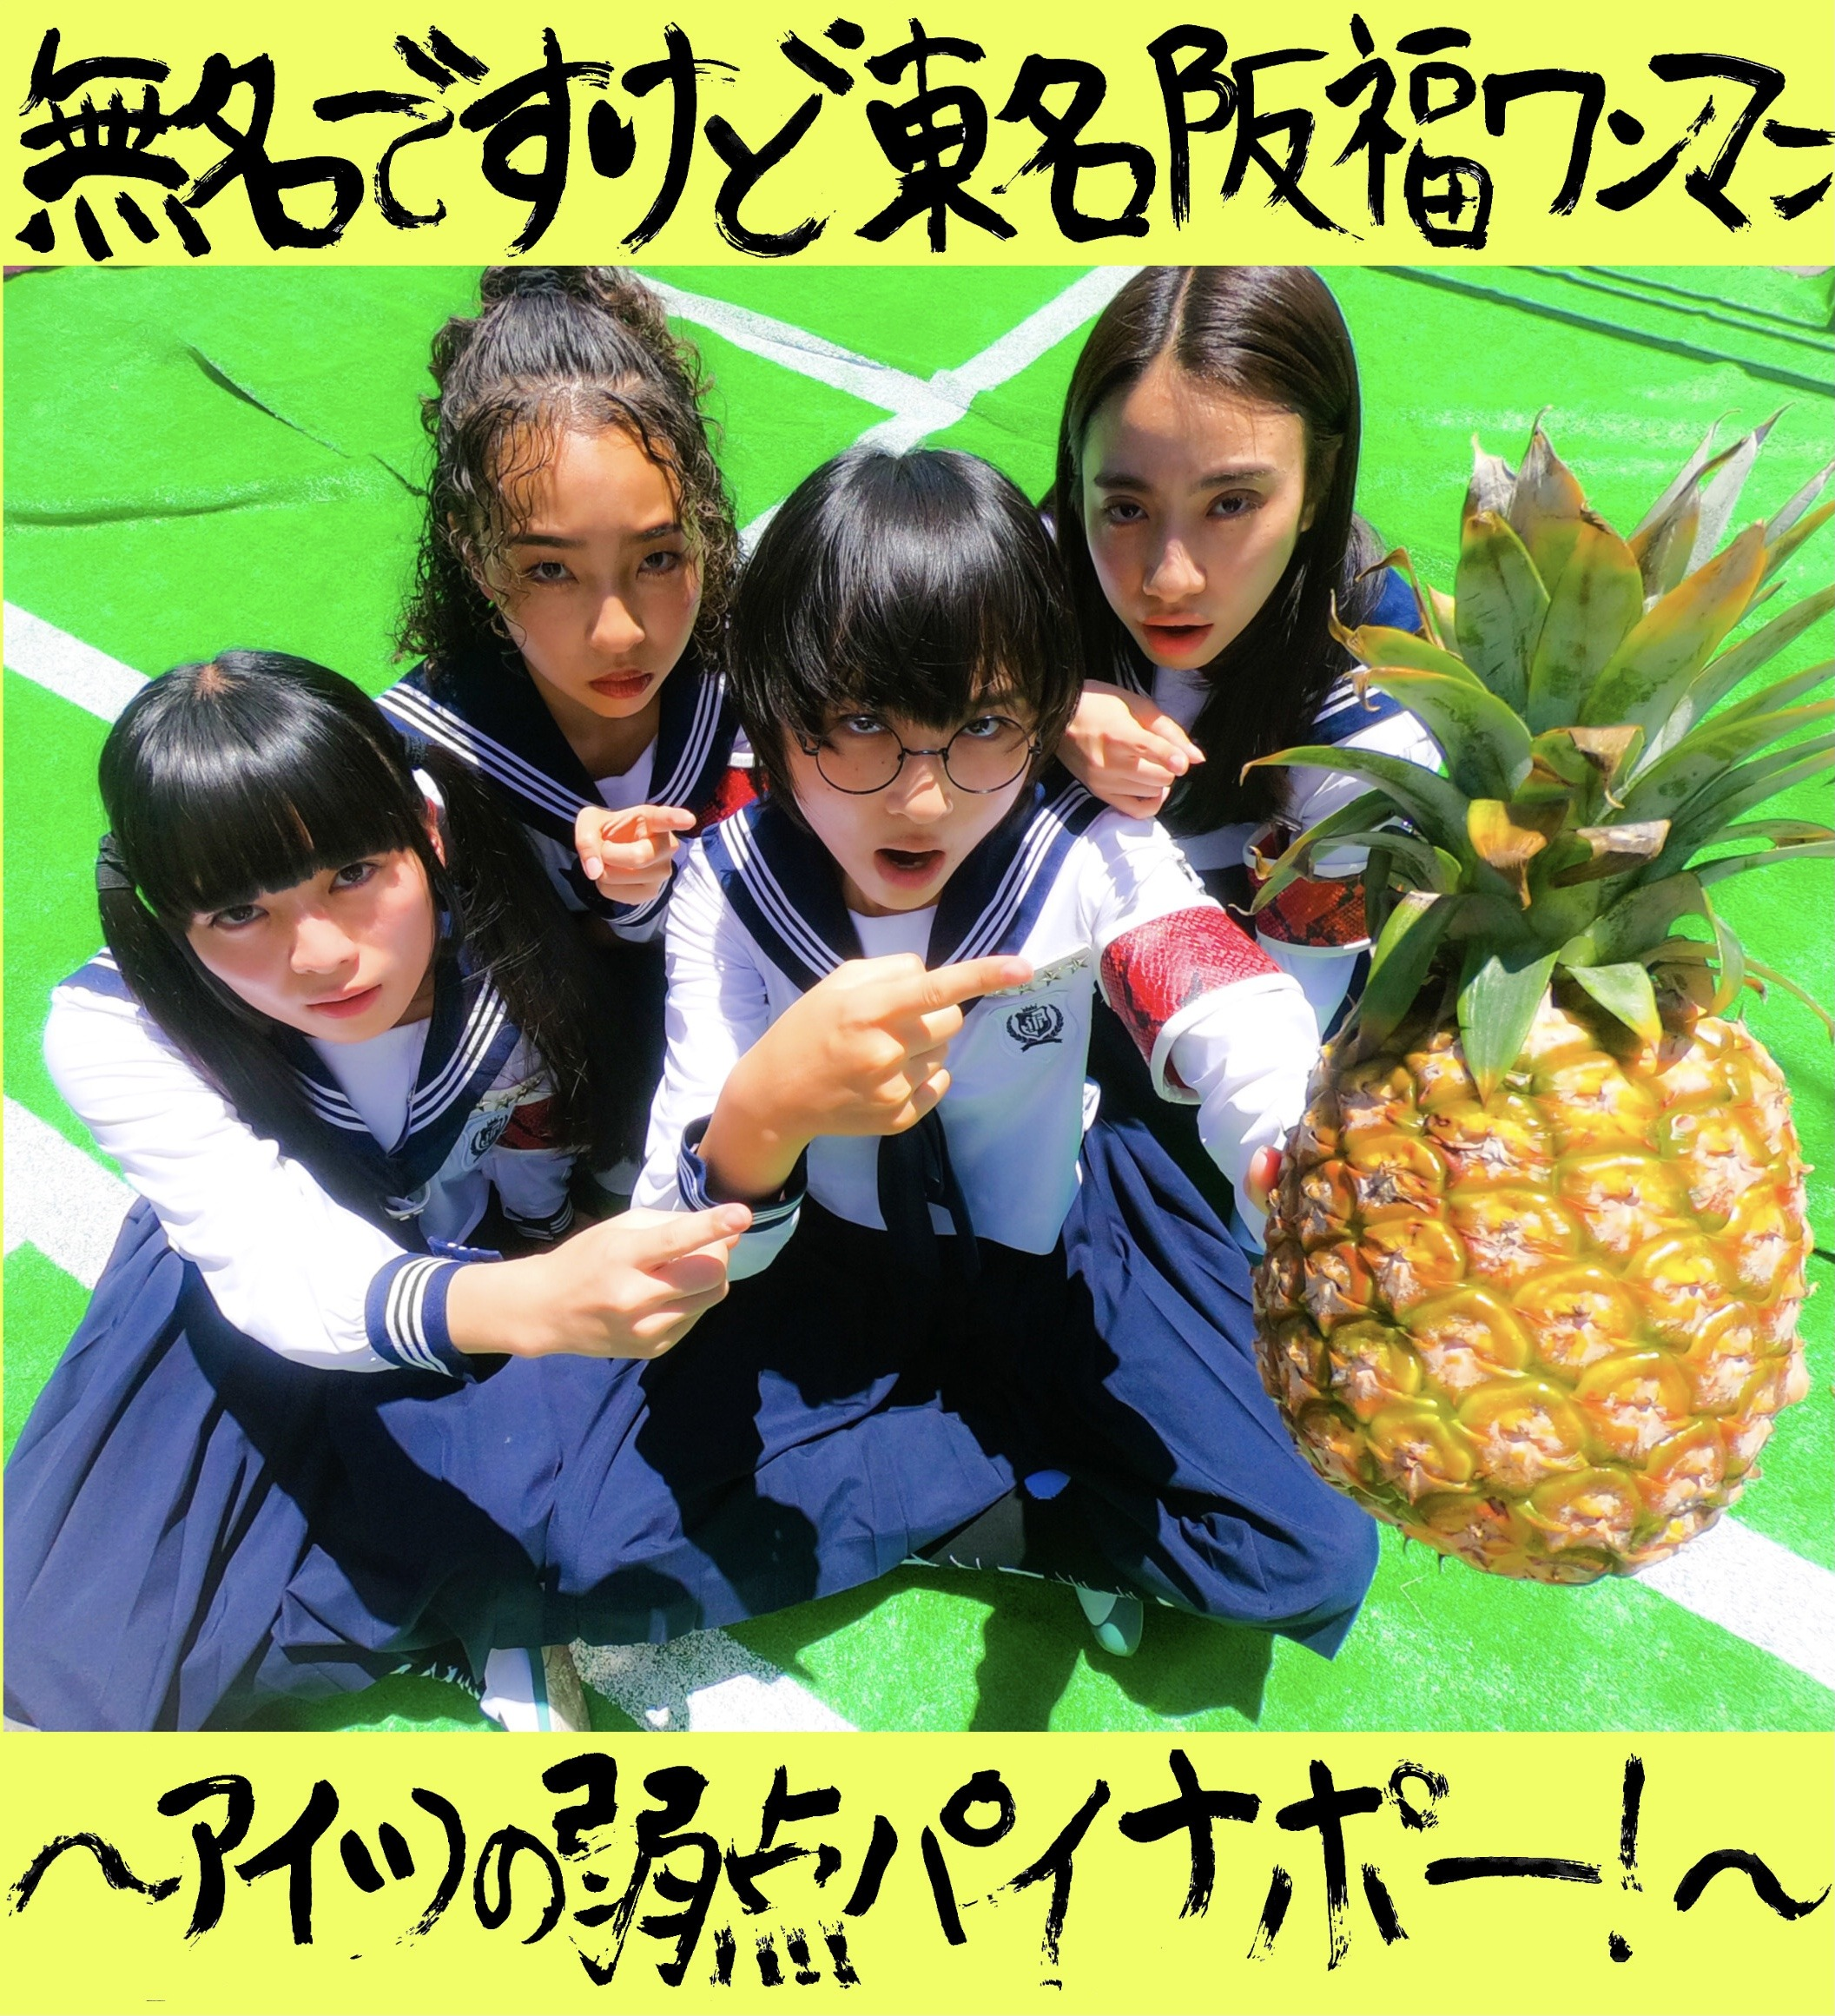 新しい学校のリーダーズ『無名ですけど東名阪福ワンマン 〜アイツの弱点パイナポー!〜』東京公演